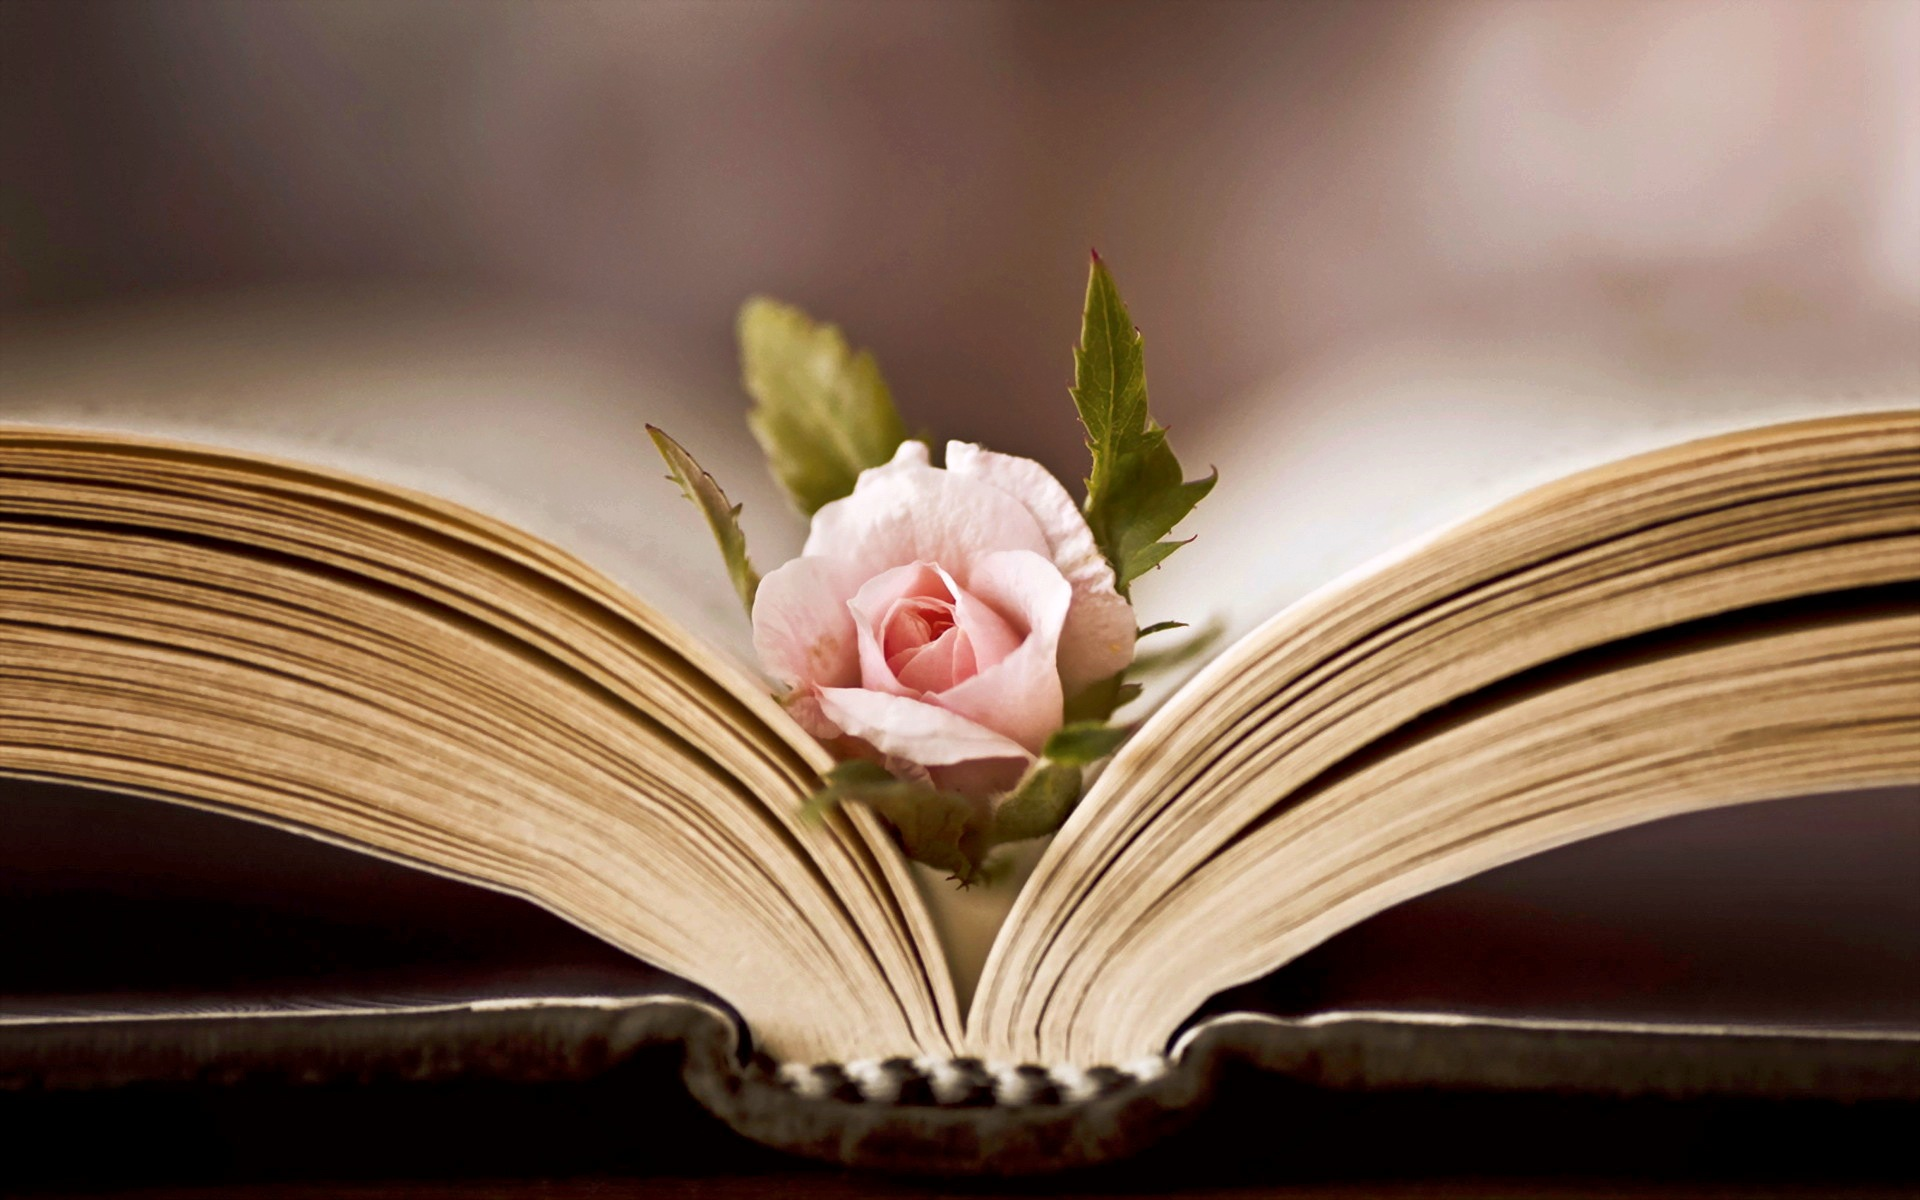 обои на рабочий стол цветы книги № 648758 загрузить